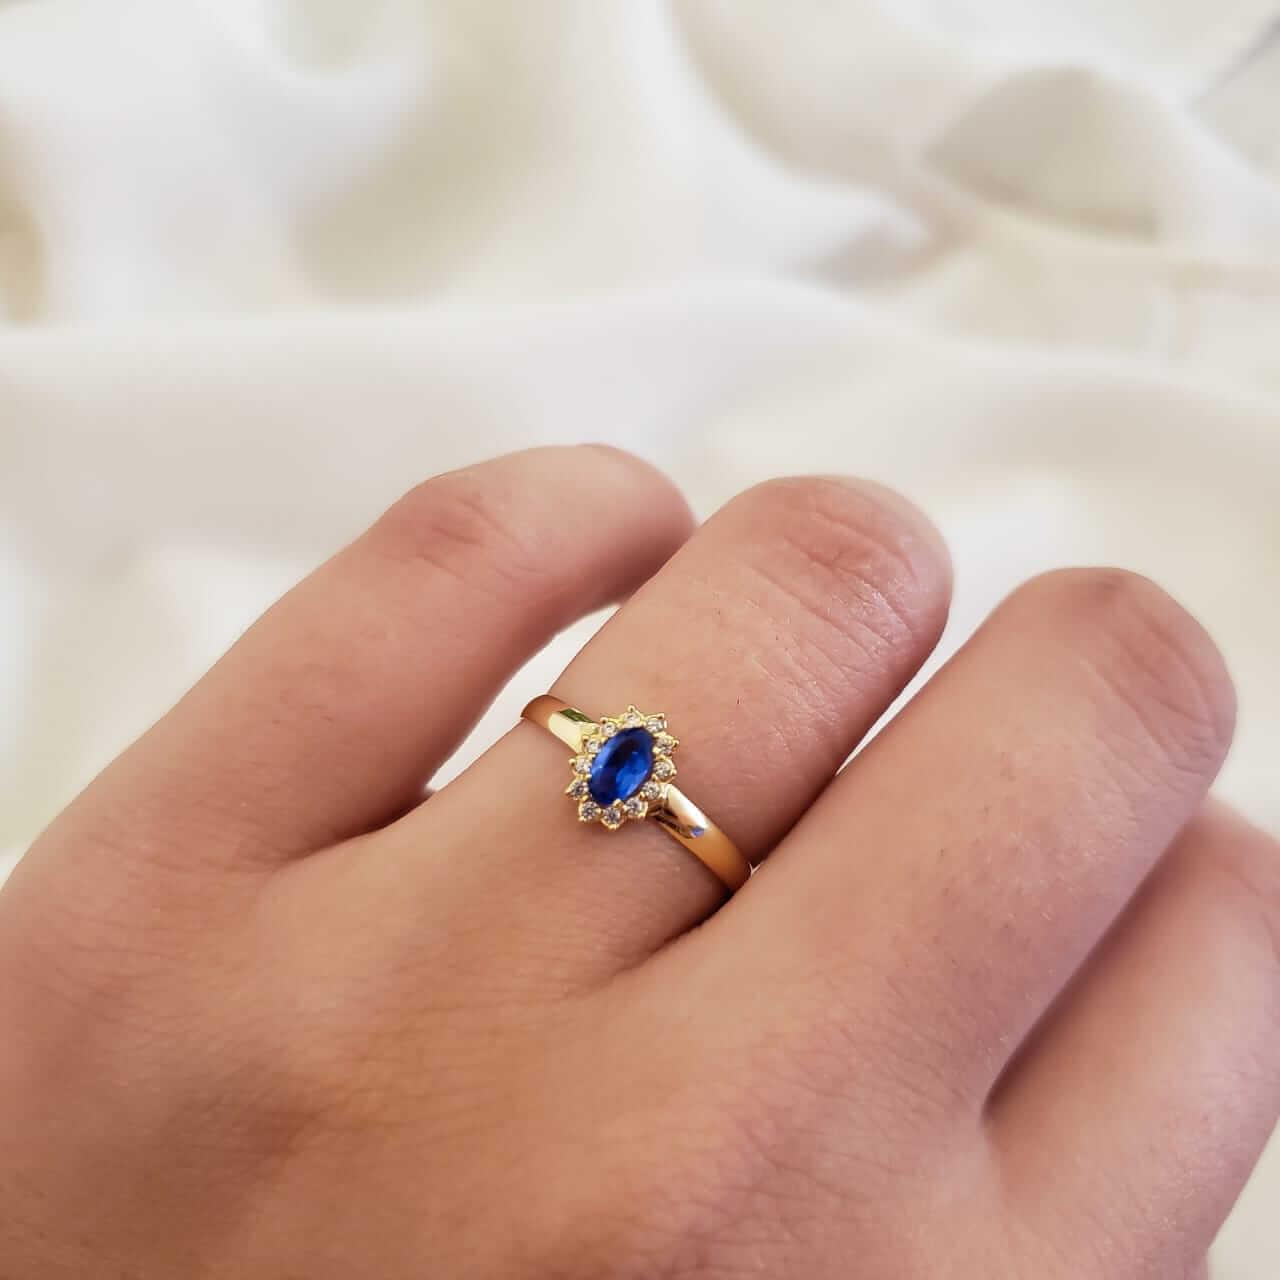 Anel Solitário em Ouro 18k com Cristal Azul Zafira